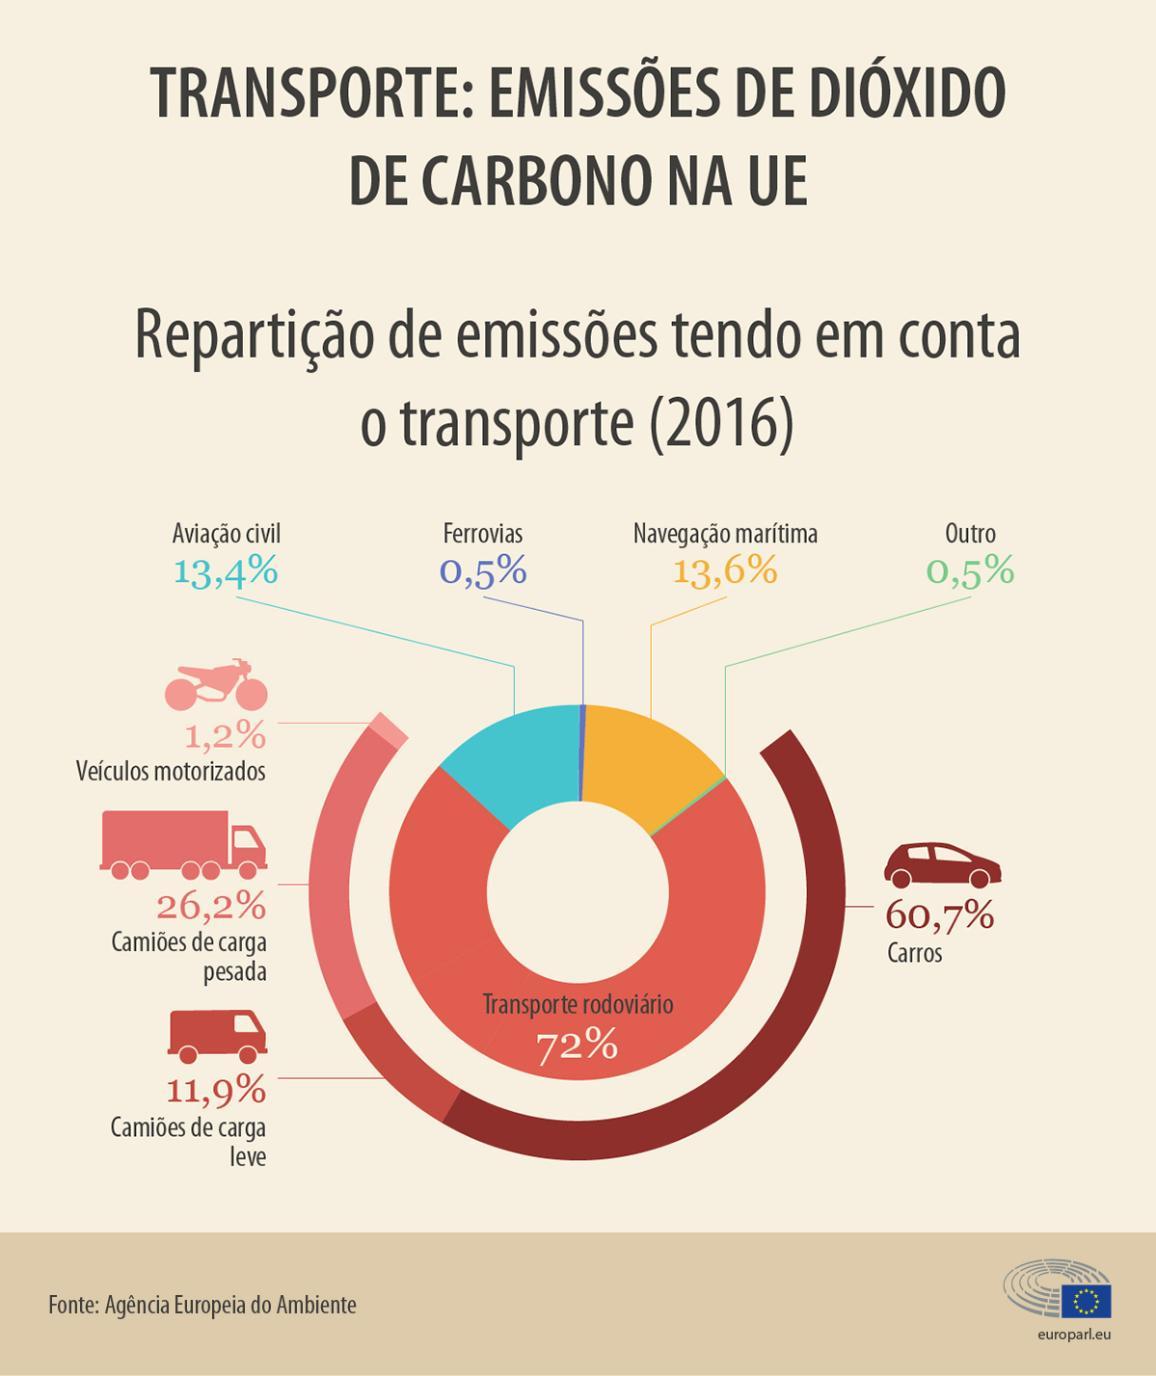 Transporte: emissões de CO2 na UE